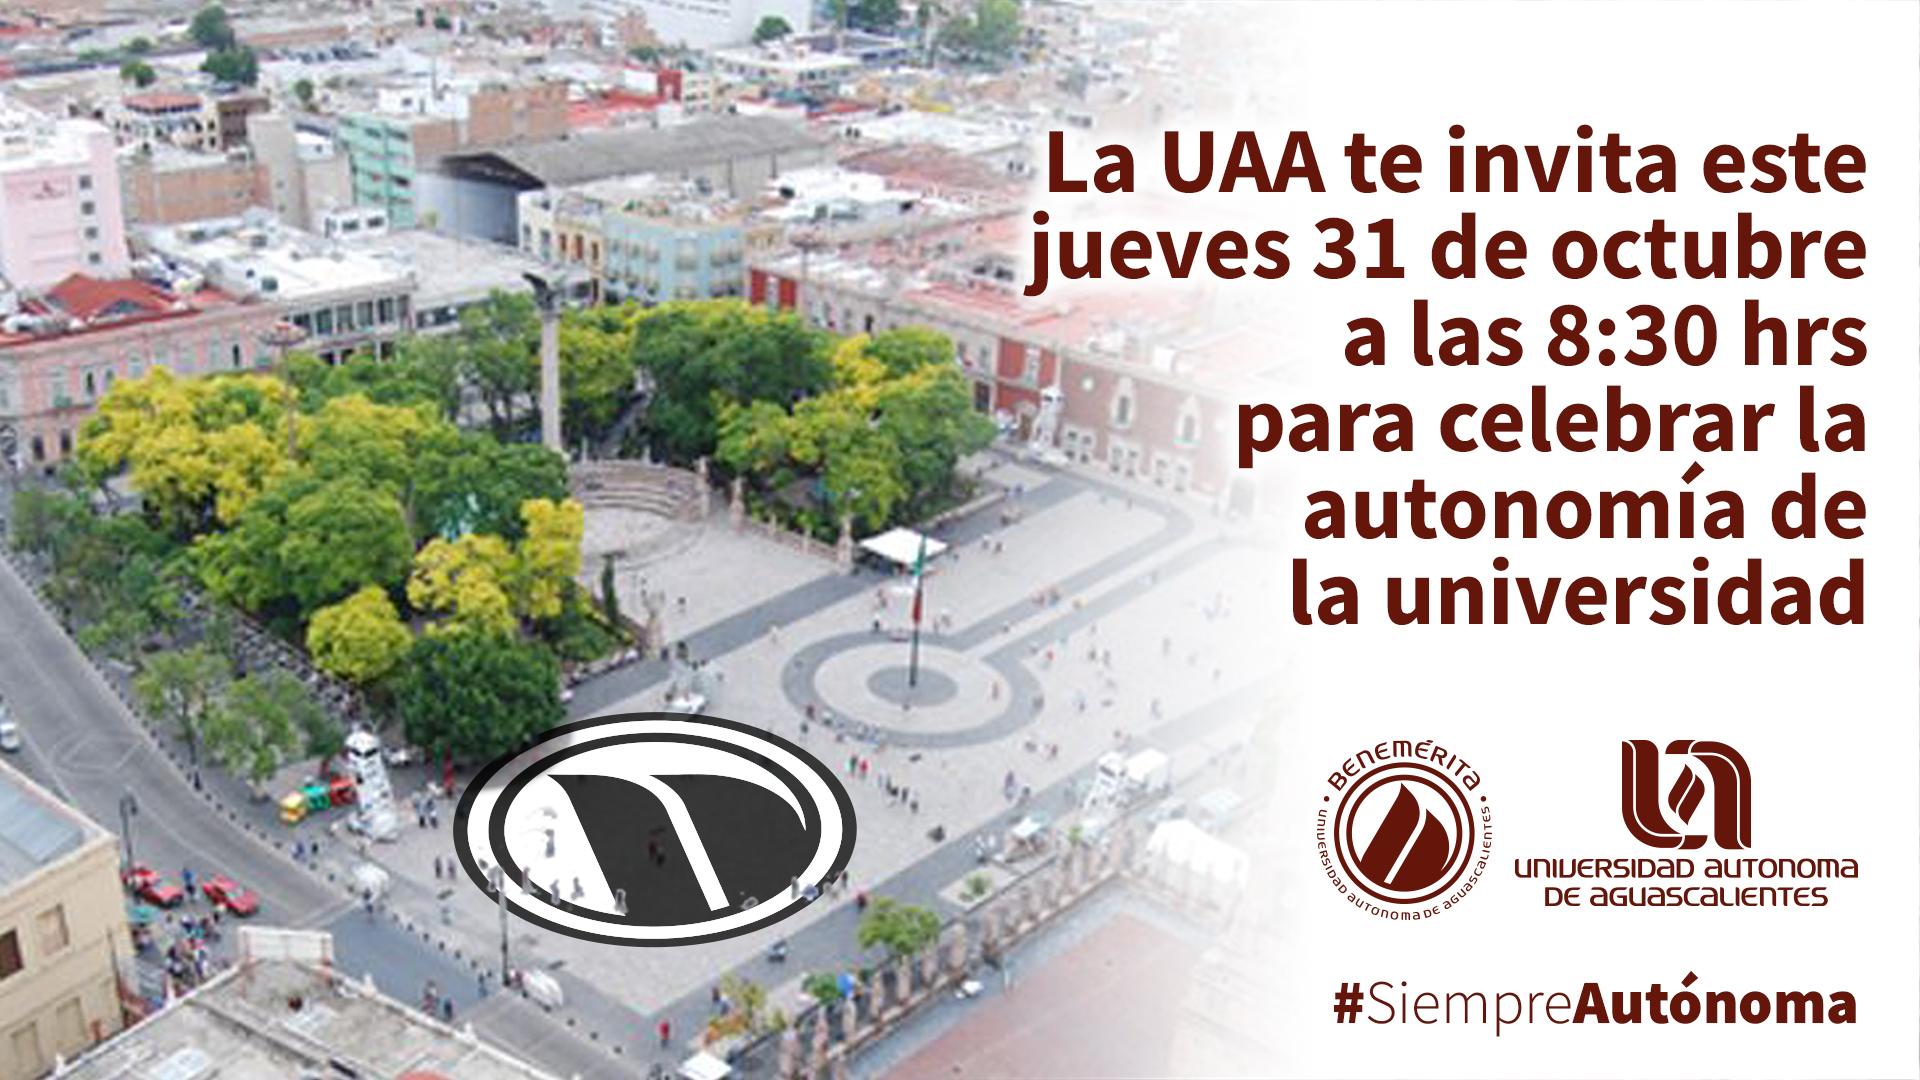 ¡Celebremos la autonomía de la universidad!